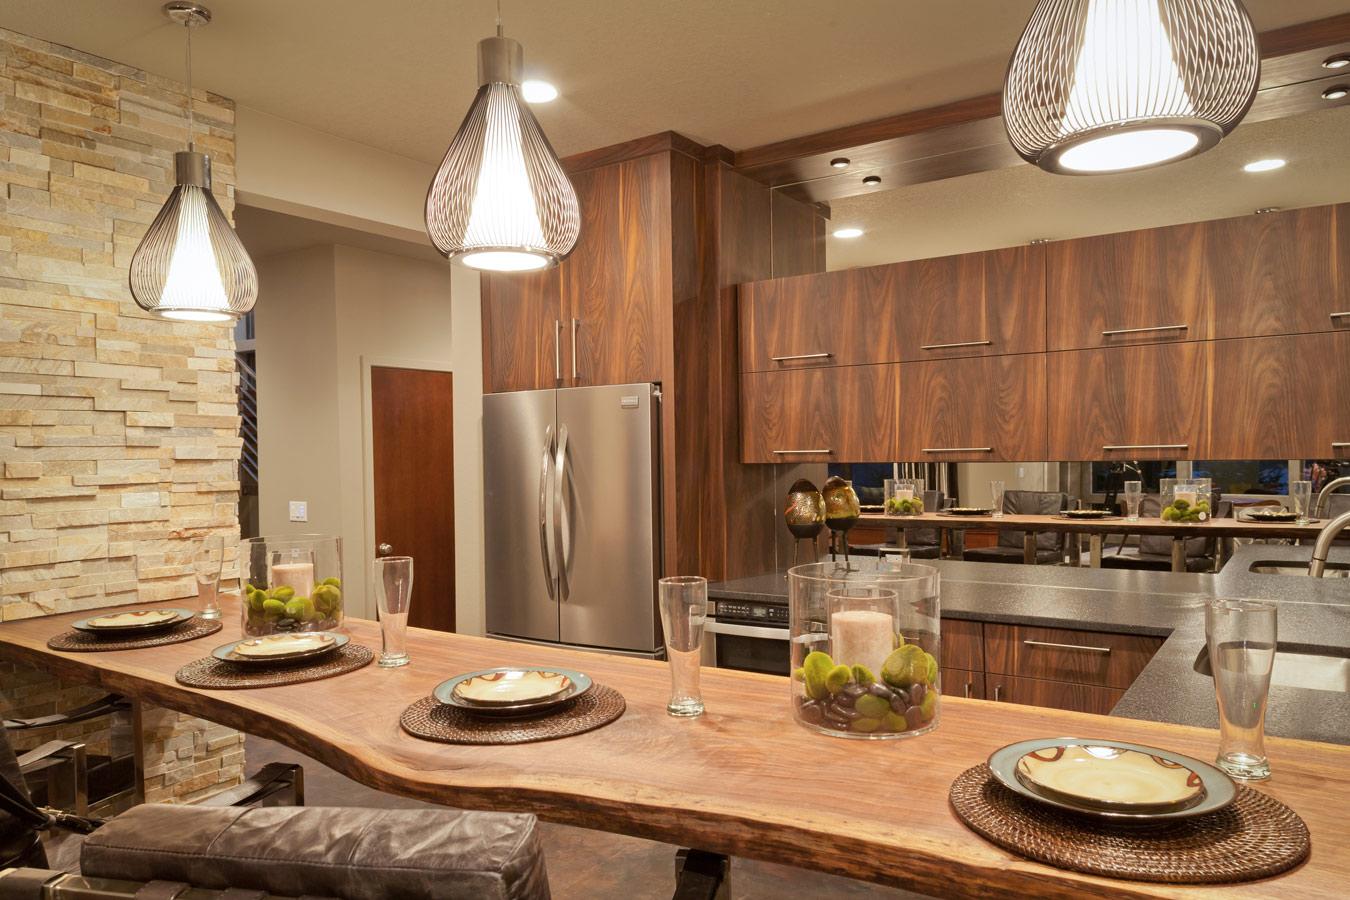 Leuke Keuken Ideeen : Landelijke keuken ontwerpen tips inspiratie